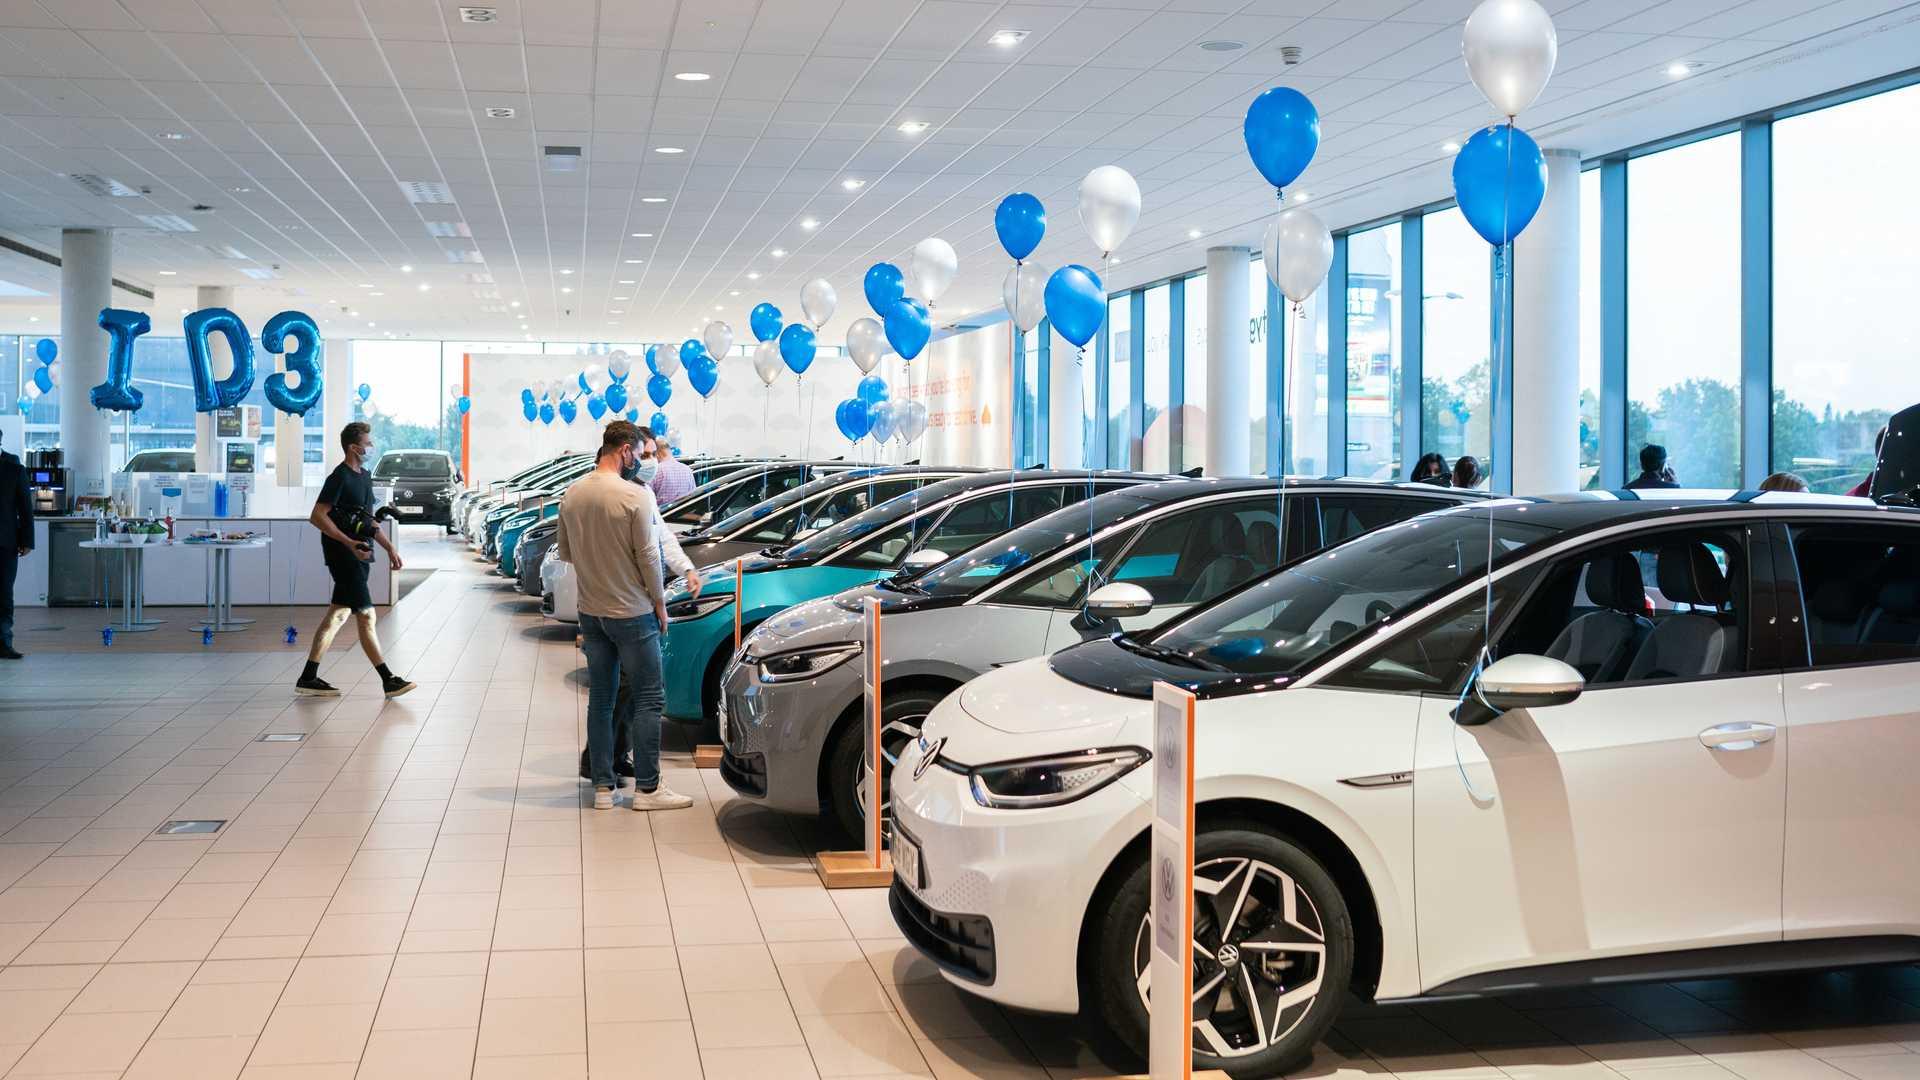 Σταθμευμένα αυτοκίνητα σε έκθεση της Volkswagen